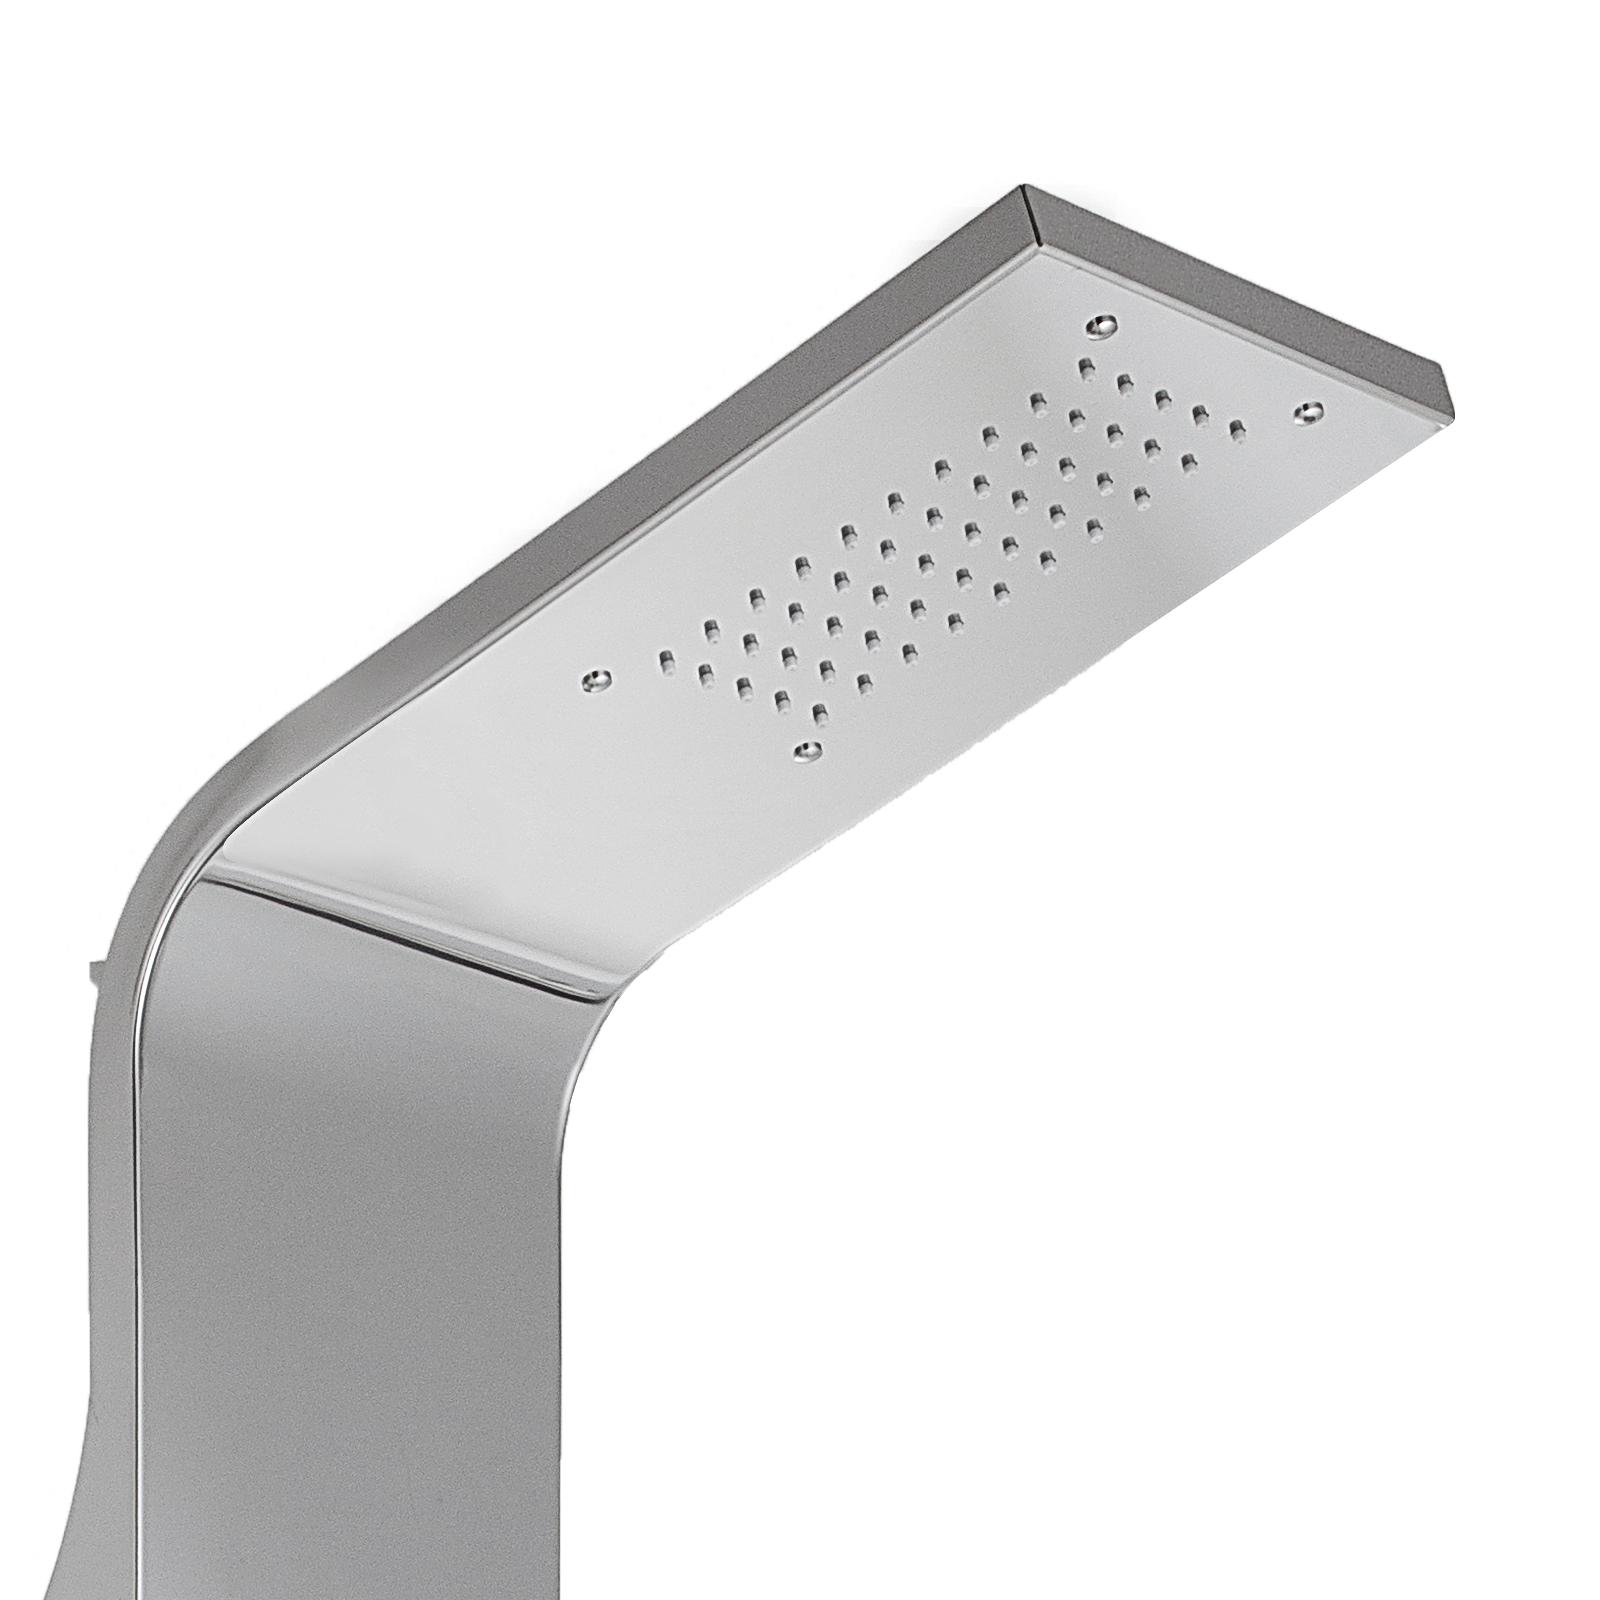 Pannello-doccia-idromassaggio-colonna-in-acciaio-inossidabile-con-miscelatore miniatura 34